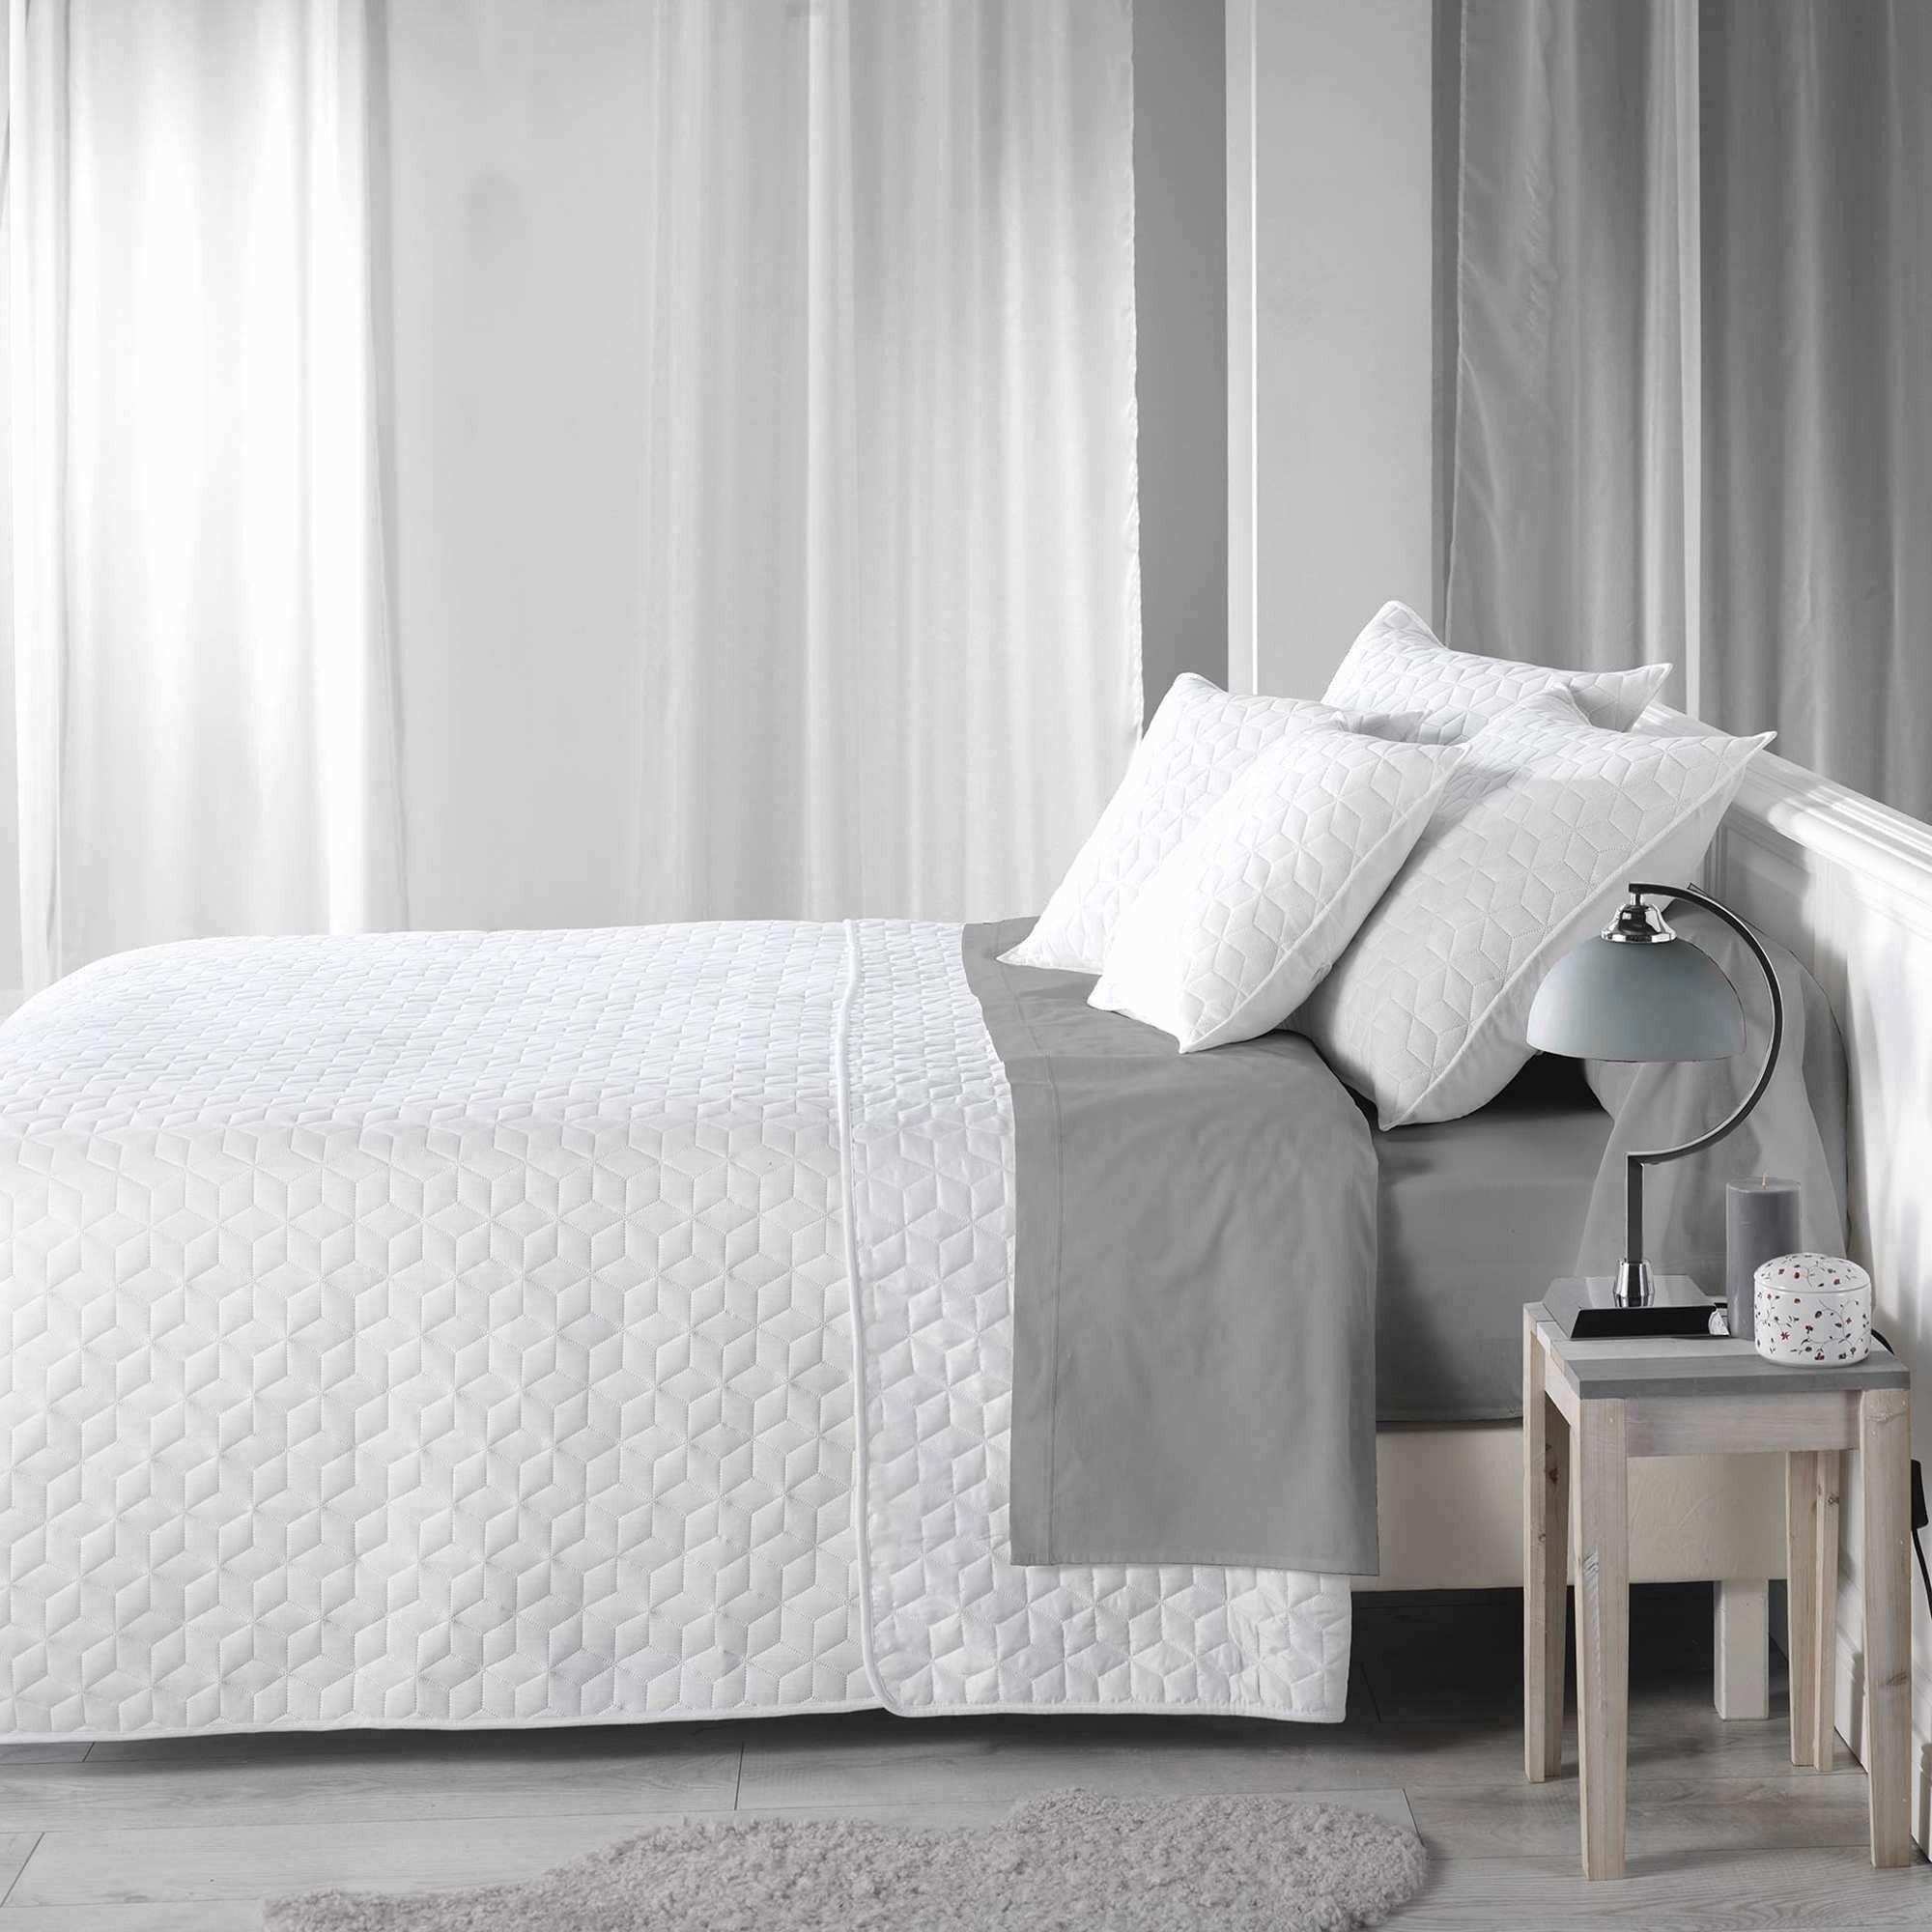 canape lit 160 joli couvre lit une personne pas cher. Black Bedroom Furniture Sets. Home Design Ideas